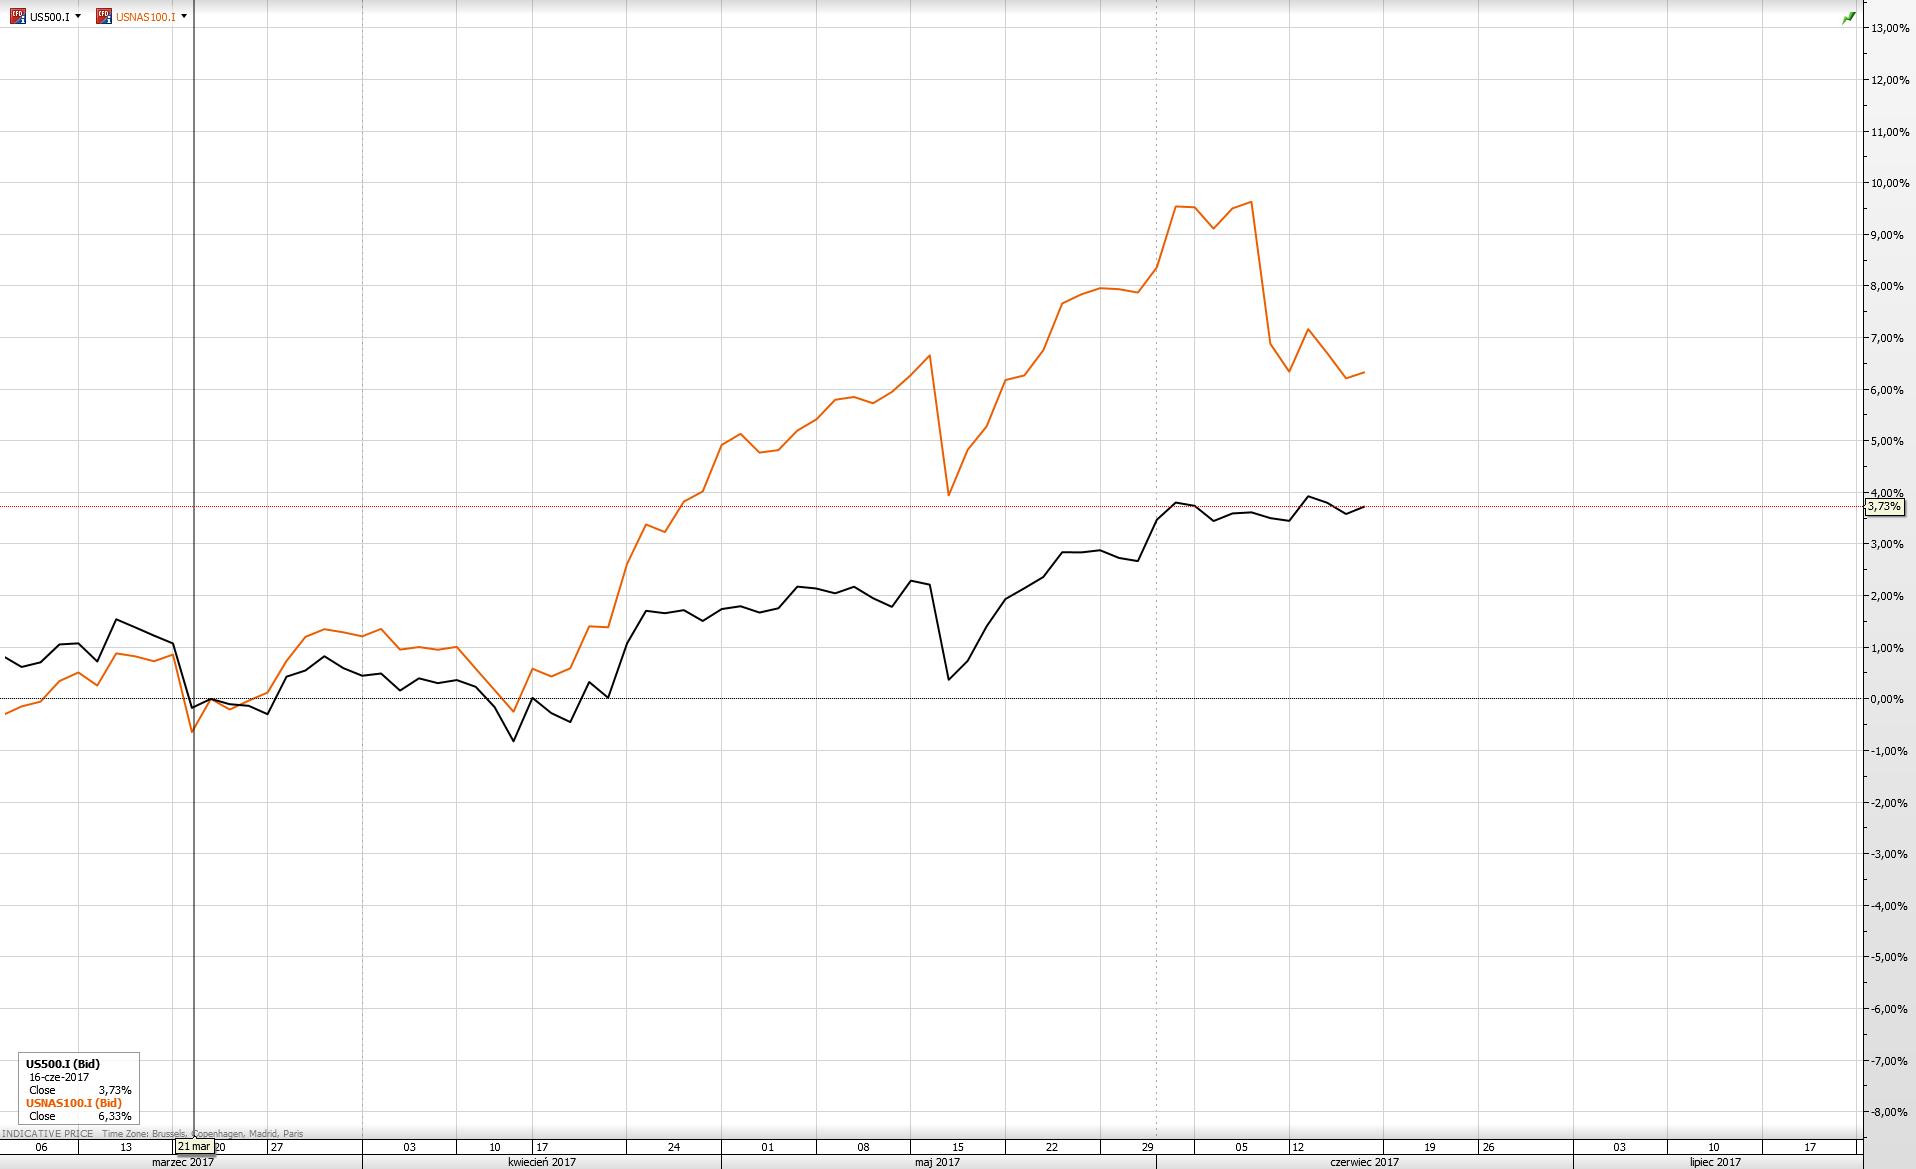 SP500 vs NASDAQ100 %